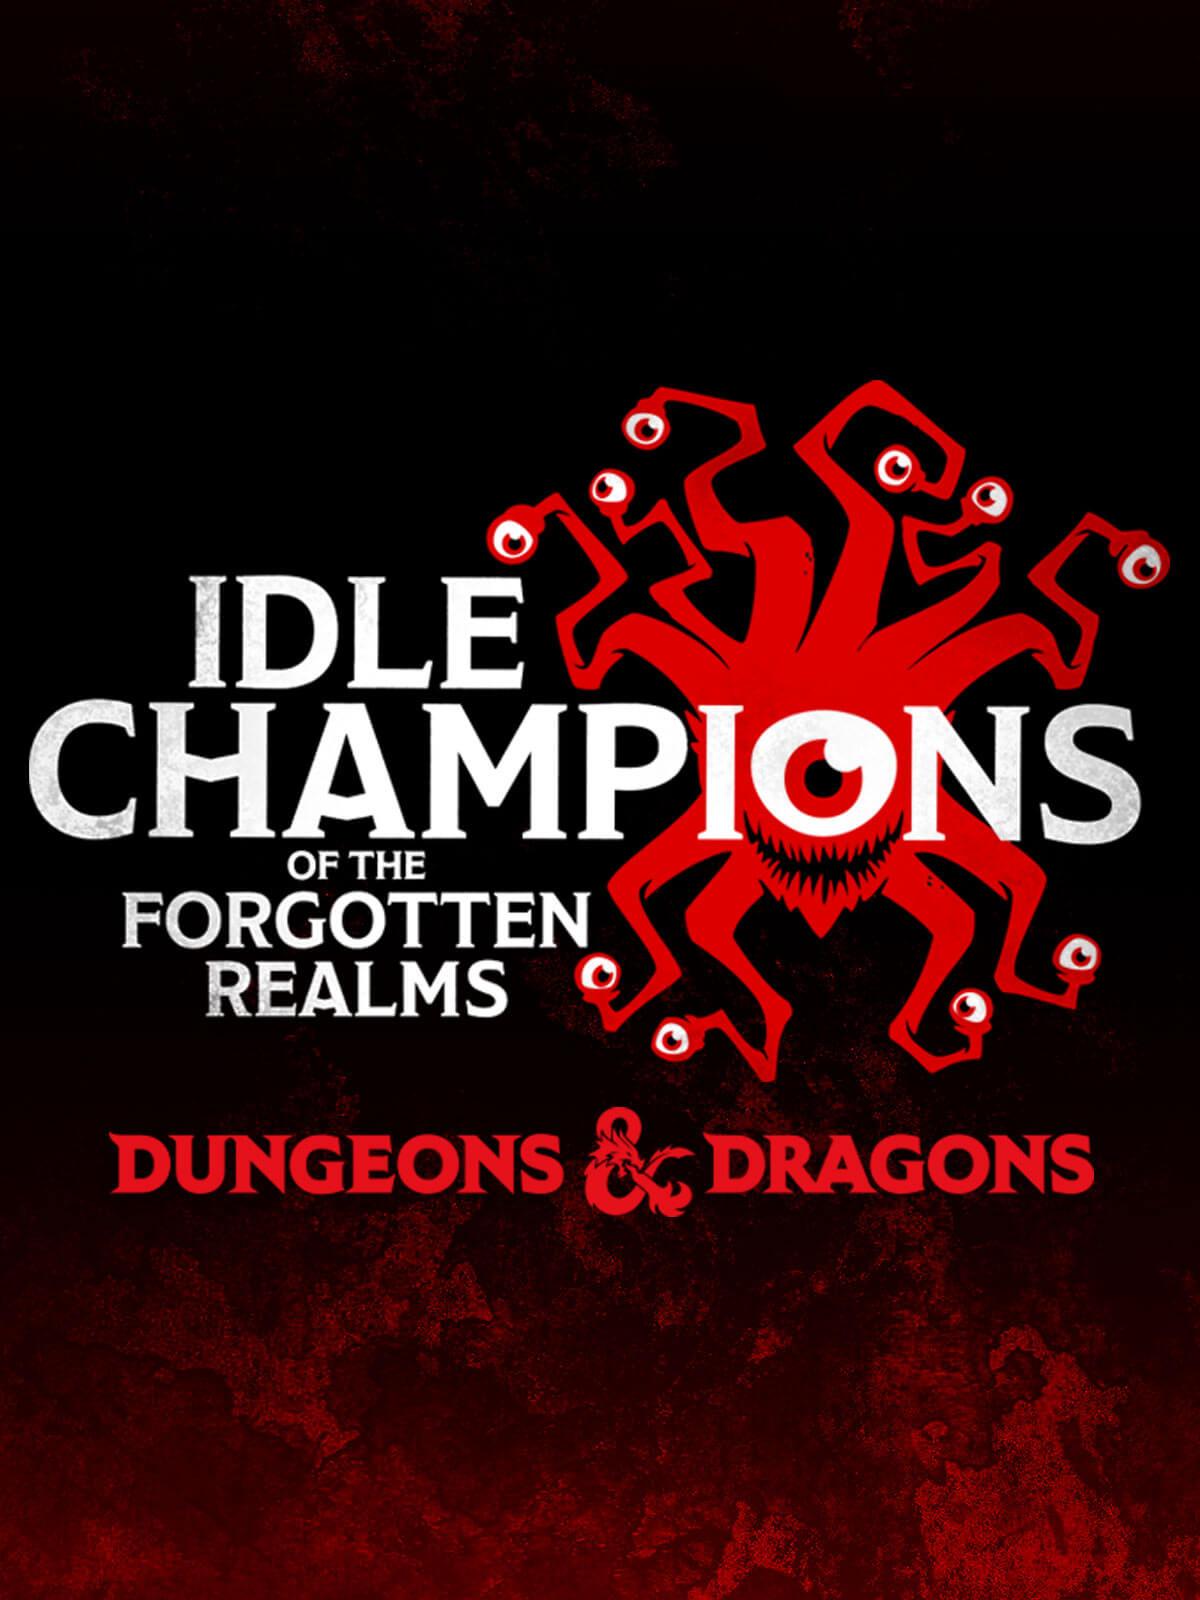 [gratis] 100$ aan add-on voor Idle Champions of the Forgotten Realms @EpicGames (vanaf 29 april tot 6 mei)